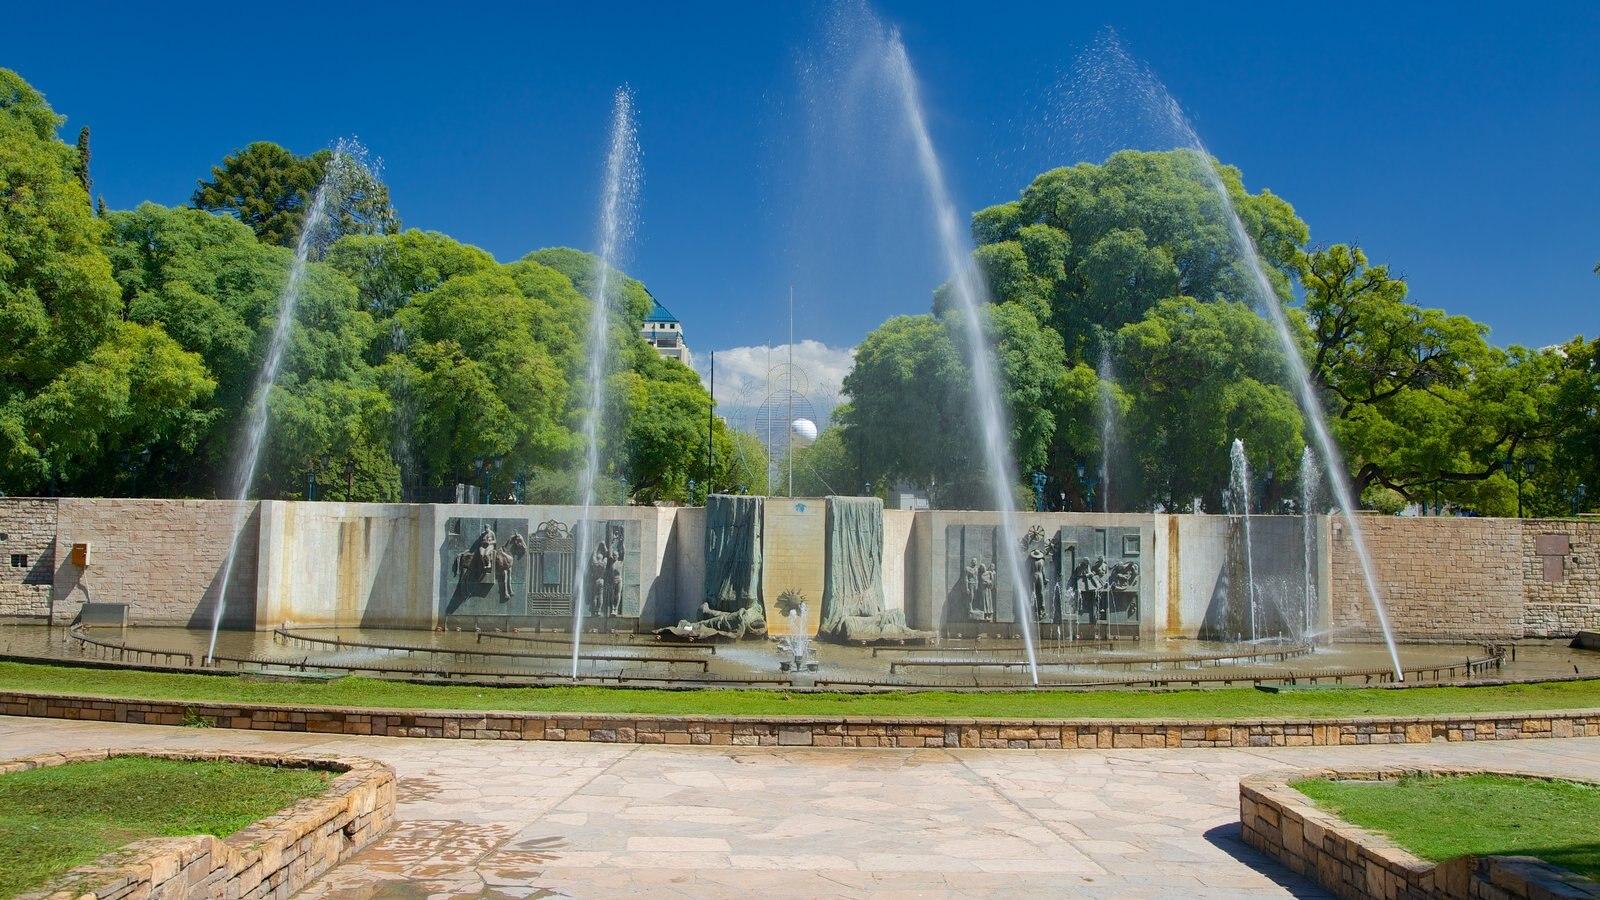 Plaza Independencia mostrando uma fonte e uma praça ou plaza